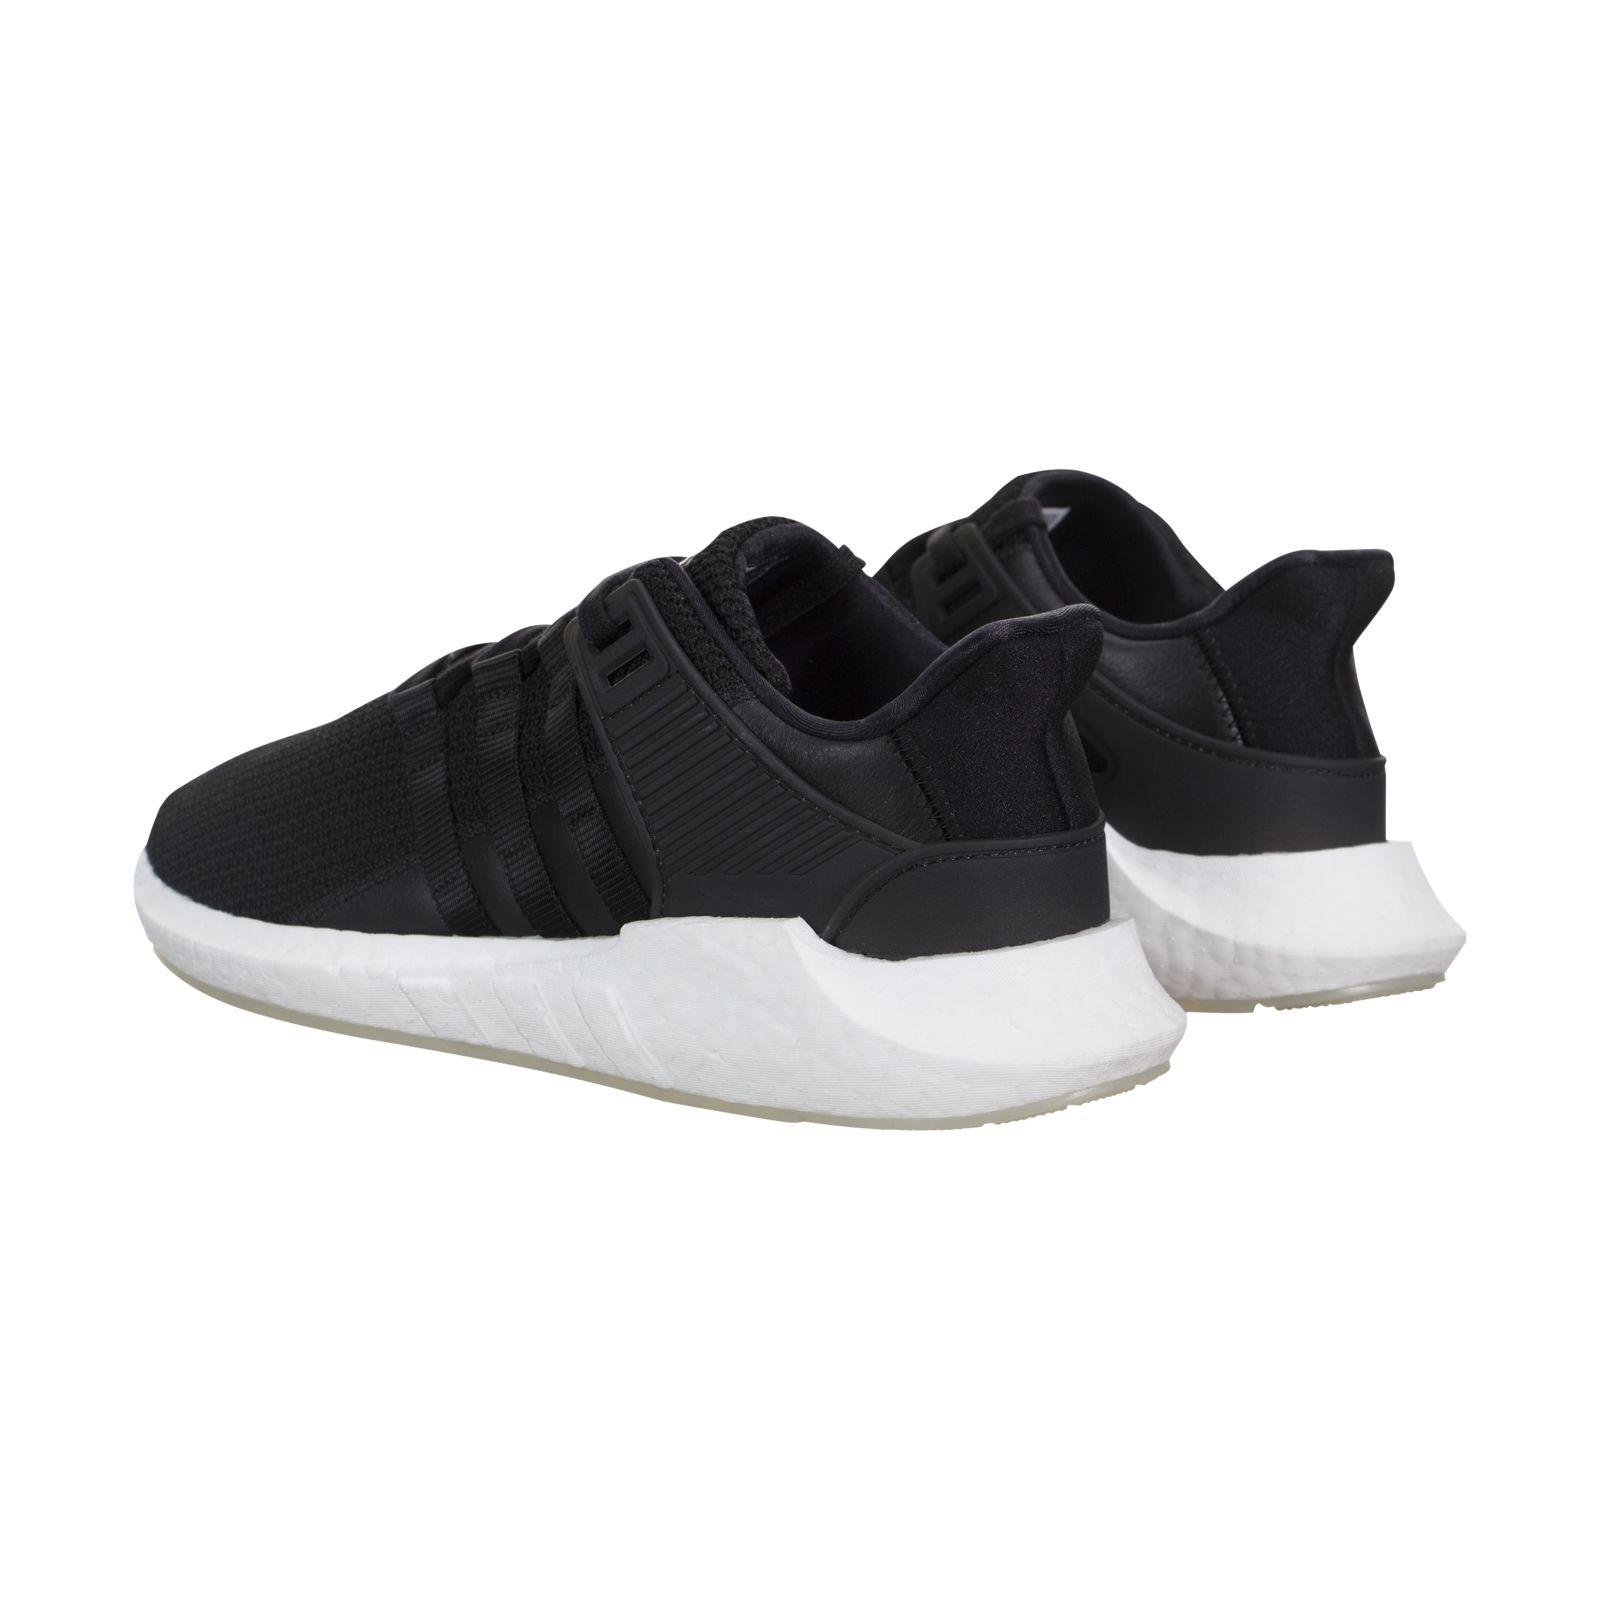 Adidas eqt unterstützung 93 93 unterstützung / 17. 6a805e